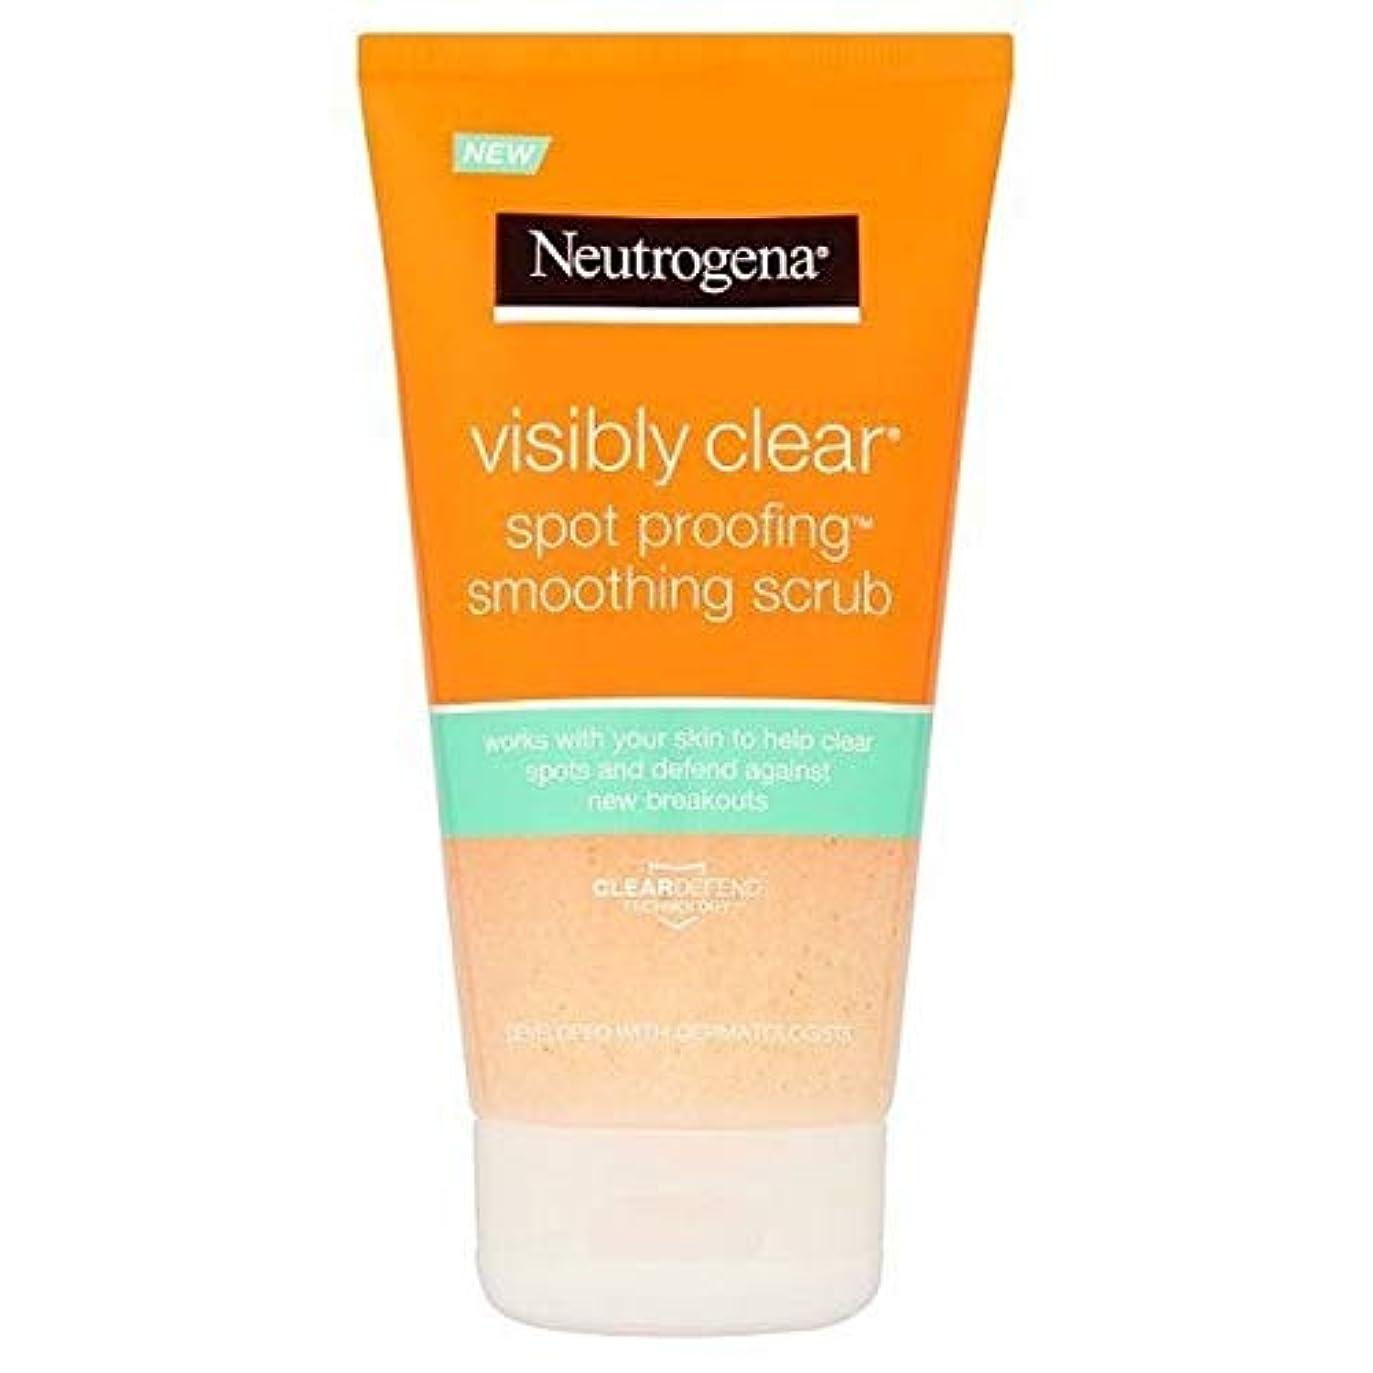 心理的リスク邪魔する[Neutrogena ] ニュートロジーナ目に見えて明らかスポットプルーフスムージングスクラブ150ミリリットル - Neutrogena Visibly Clear Spot Proofing Smoothing Scrub...